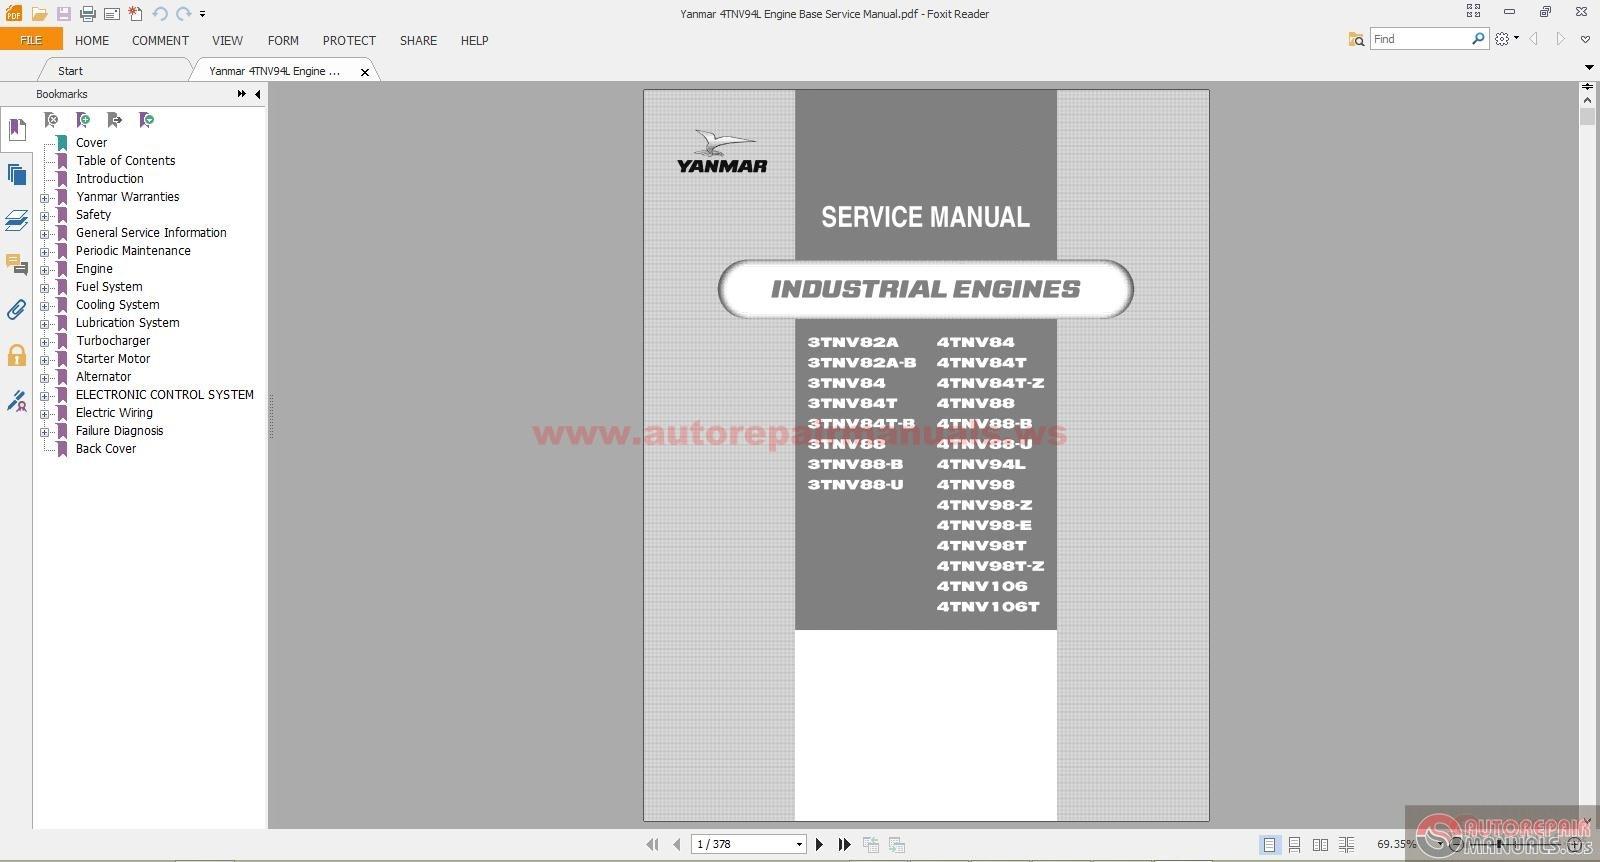 Yanmar generator manual downloads Yanmar Engine User Manuals